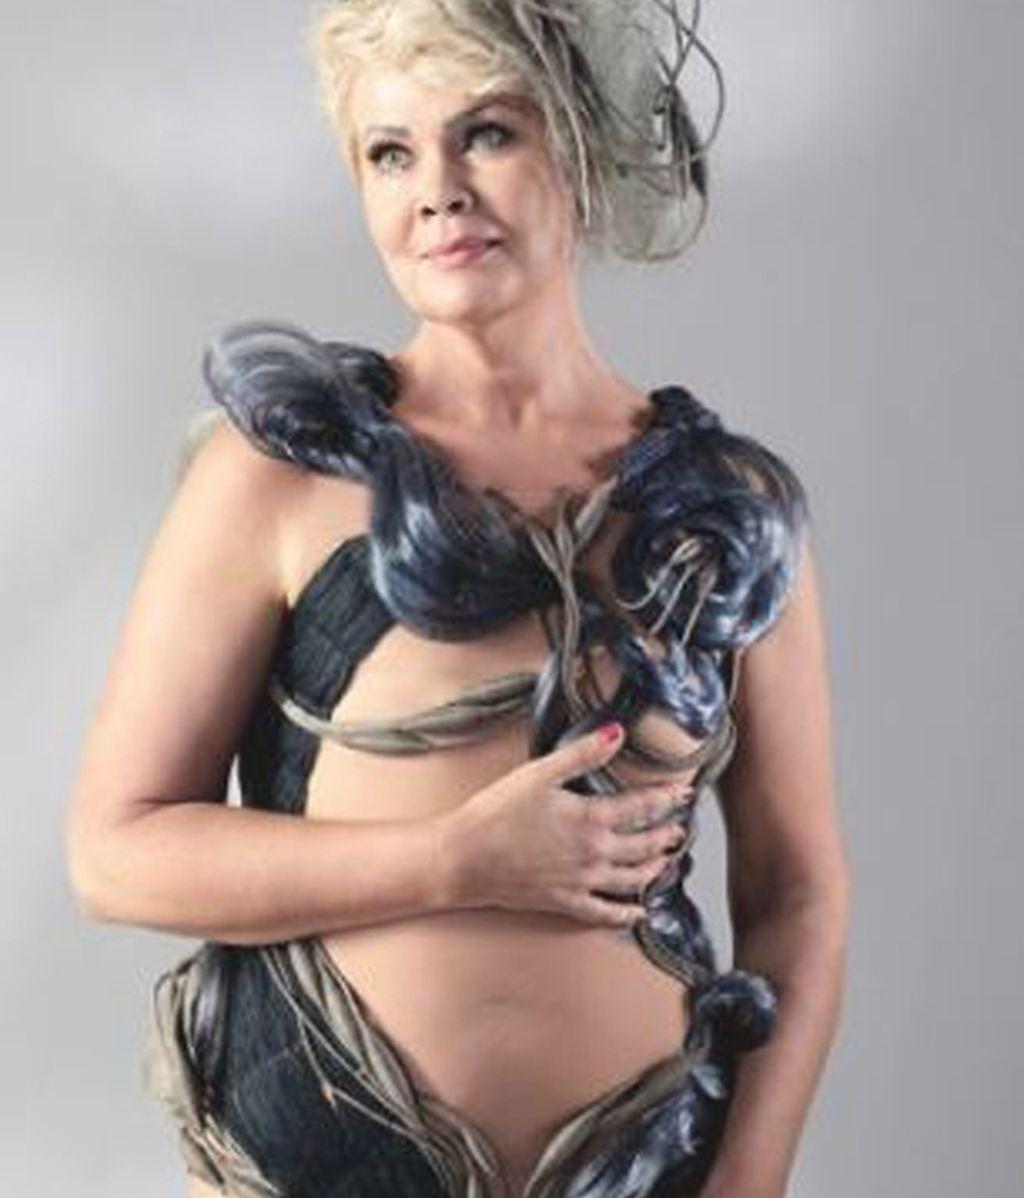 El nuevo bikini que reivindica la lucha sin complejos contra el cáncer